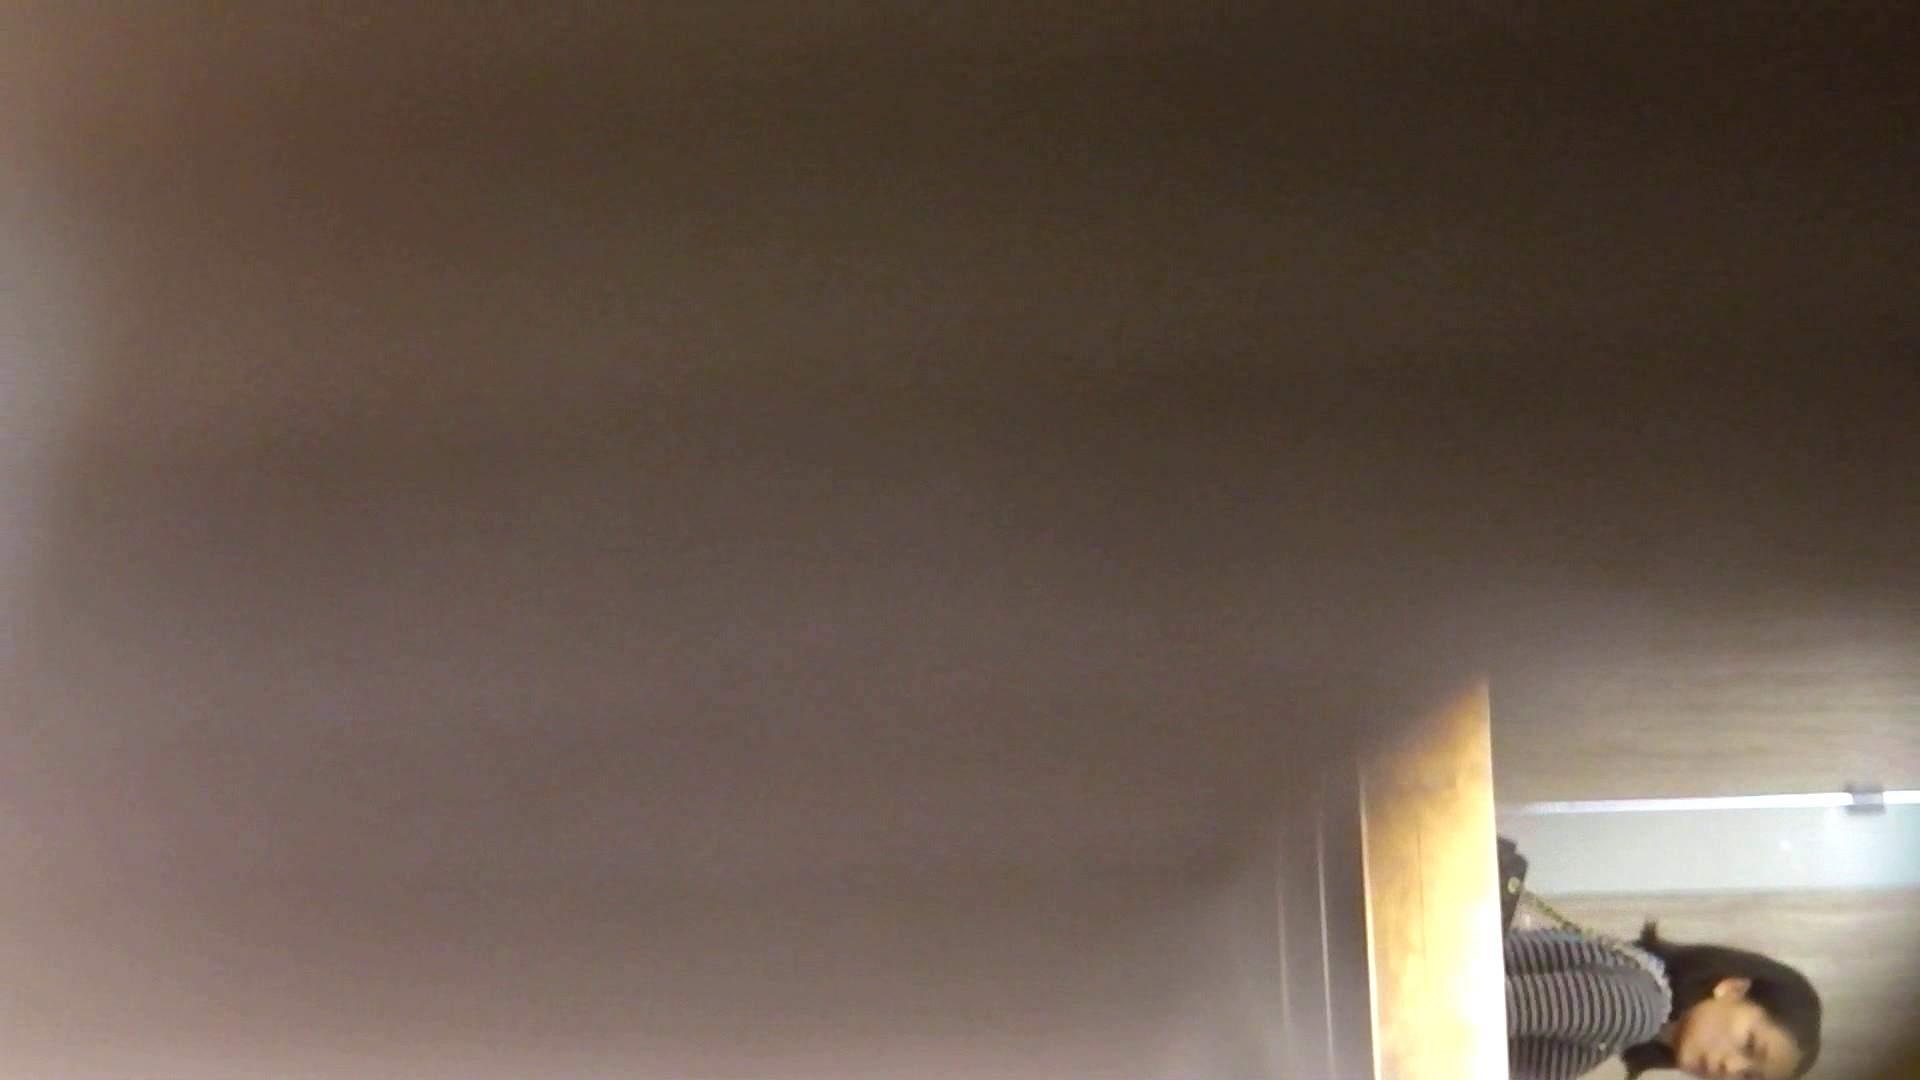 阿国ちゃんの「和式洋式七変化」No.2 盛合せ おめこ無修正動画無料 75画像 4